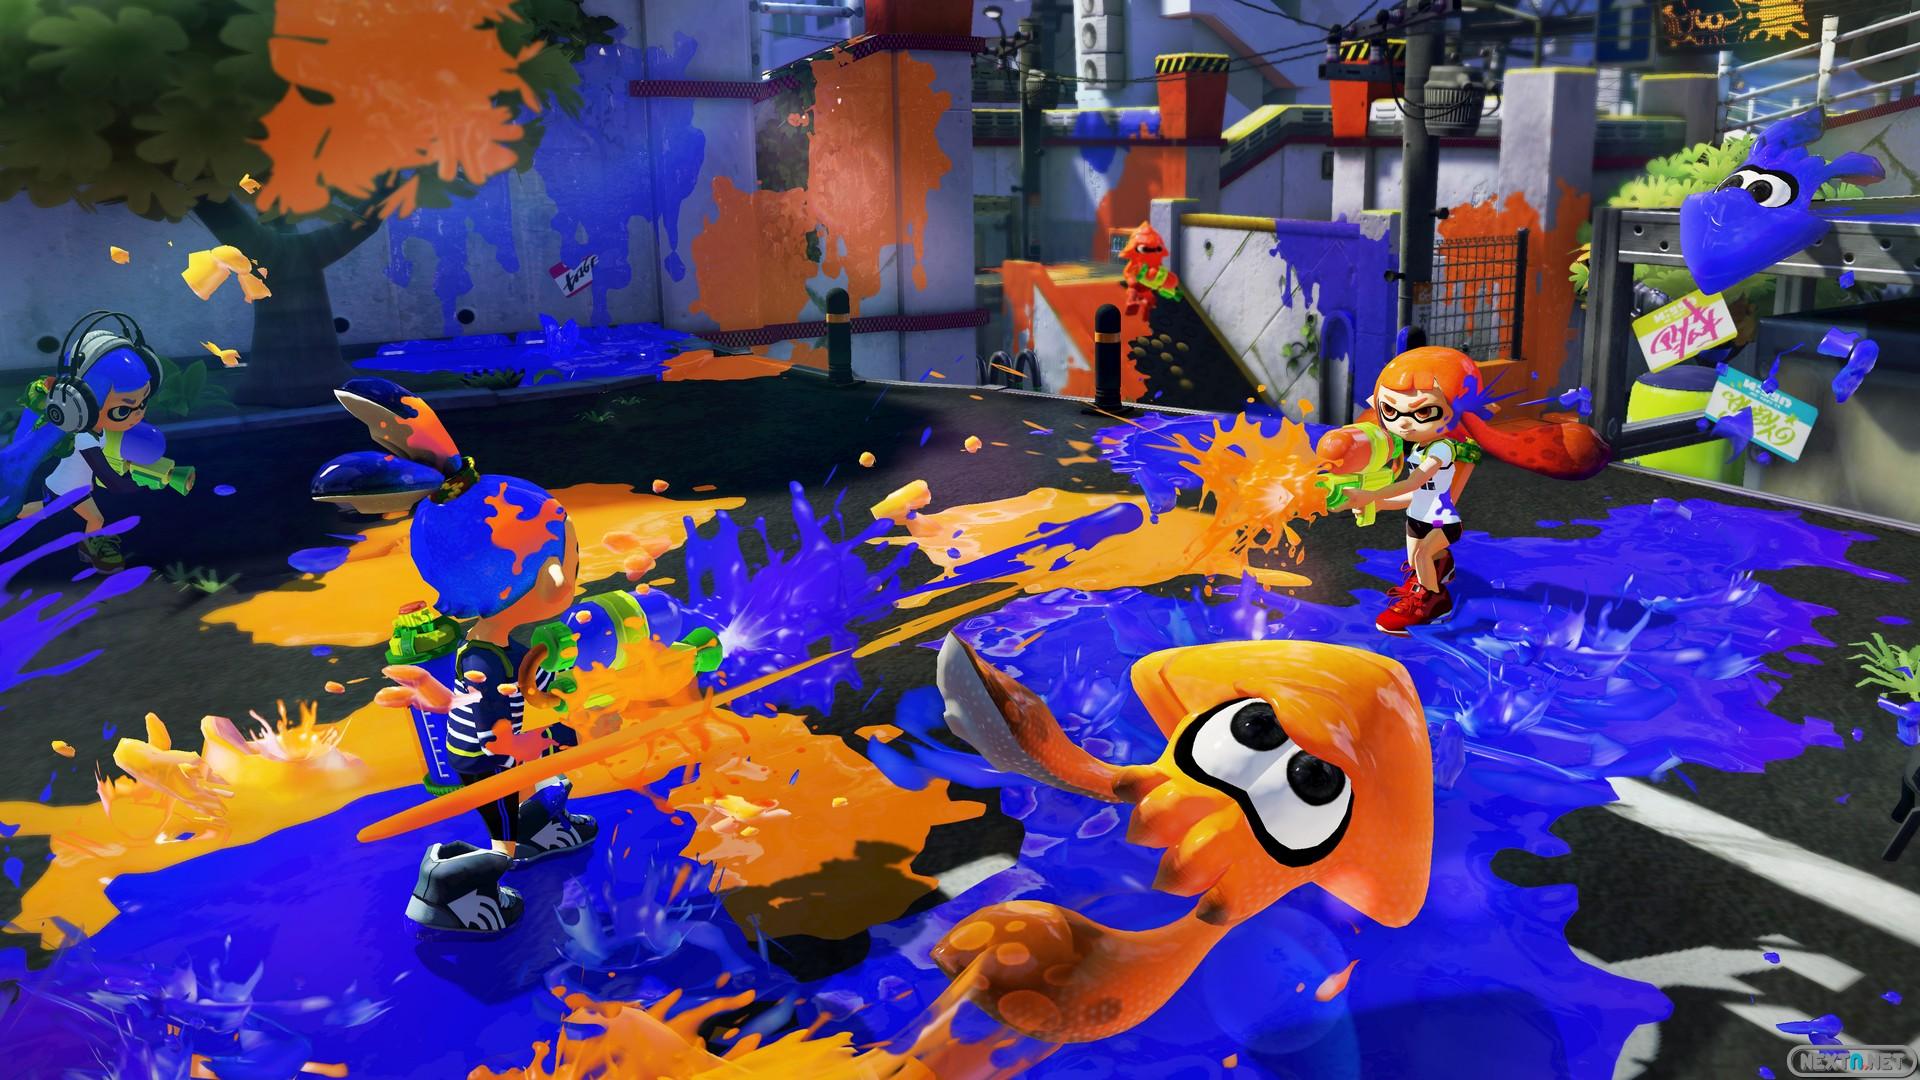 Wii U Special Edition Splatoon Deluxe Set is a Best Buy ...  |Splatoon Wii